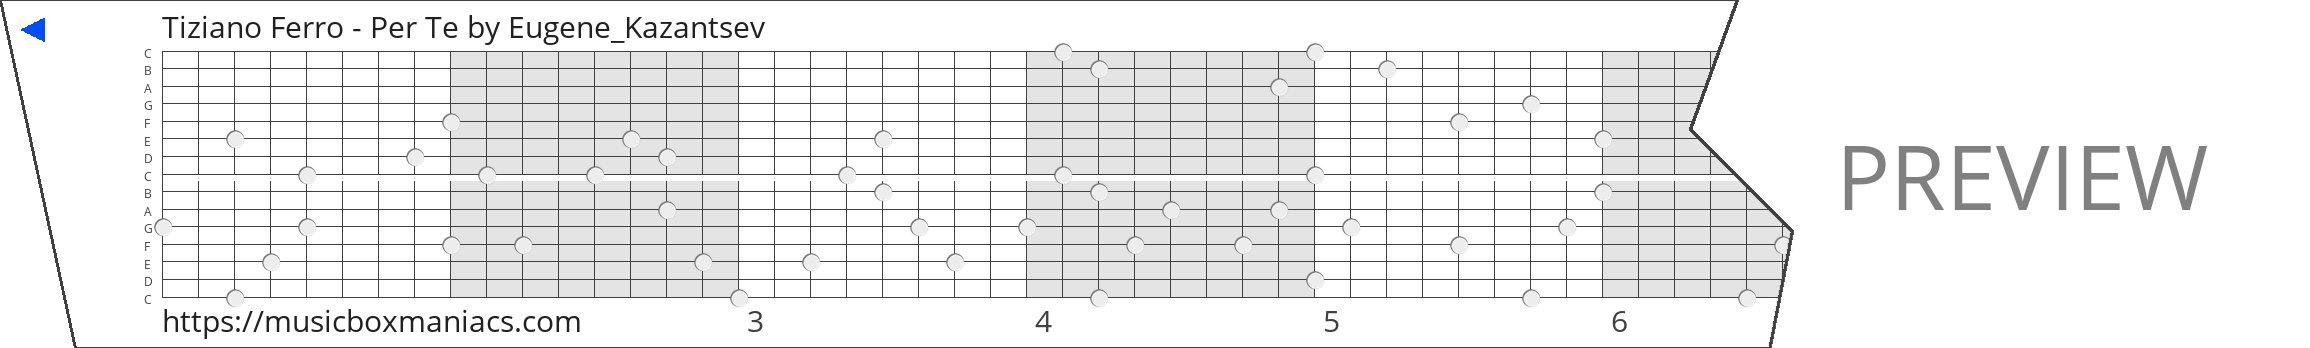 Tiziano Ferro - Per Te 15 note music box paper strip